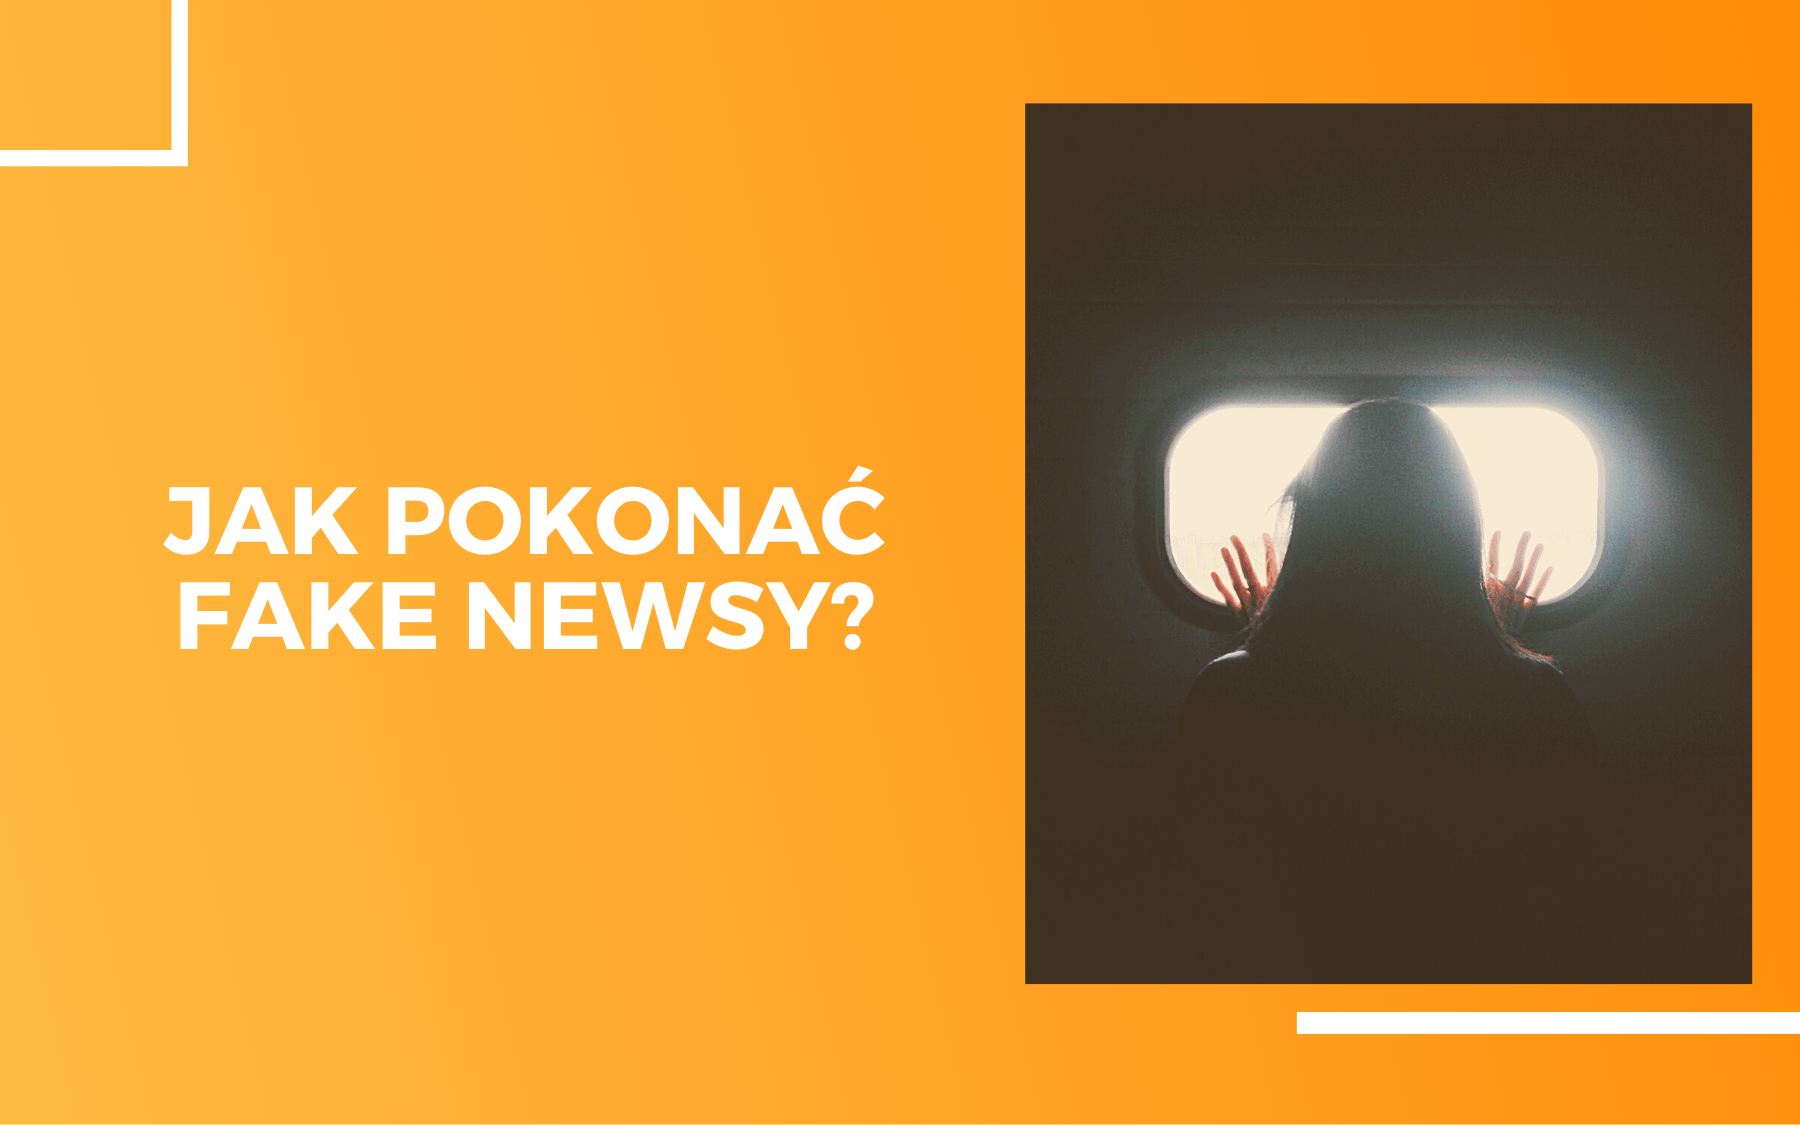 Kobieta wyglądająca przez małe okno, widziana od tyłu. Obok napis jak pokonać fake newsy?